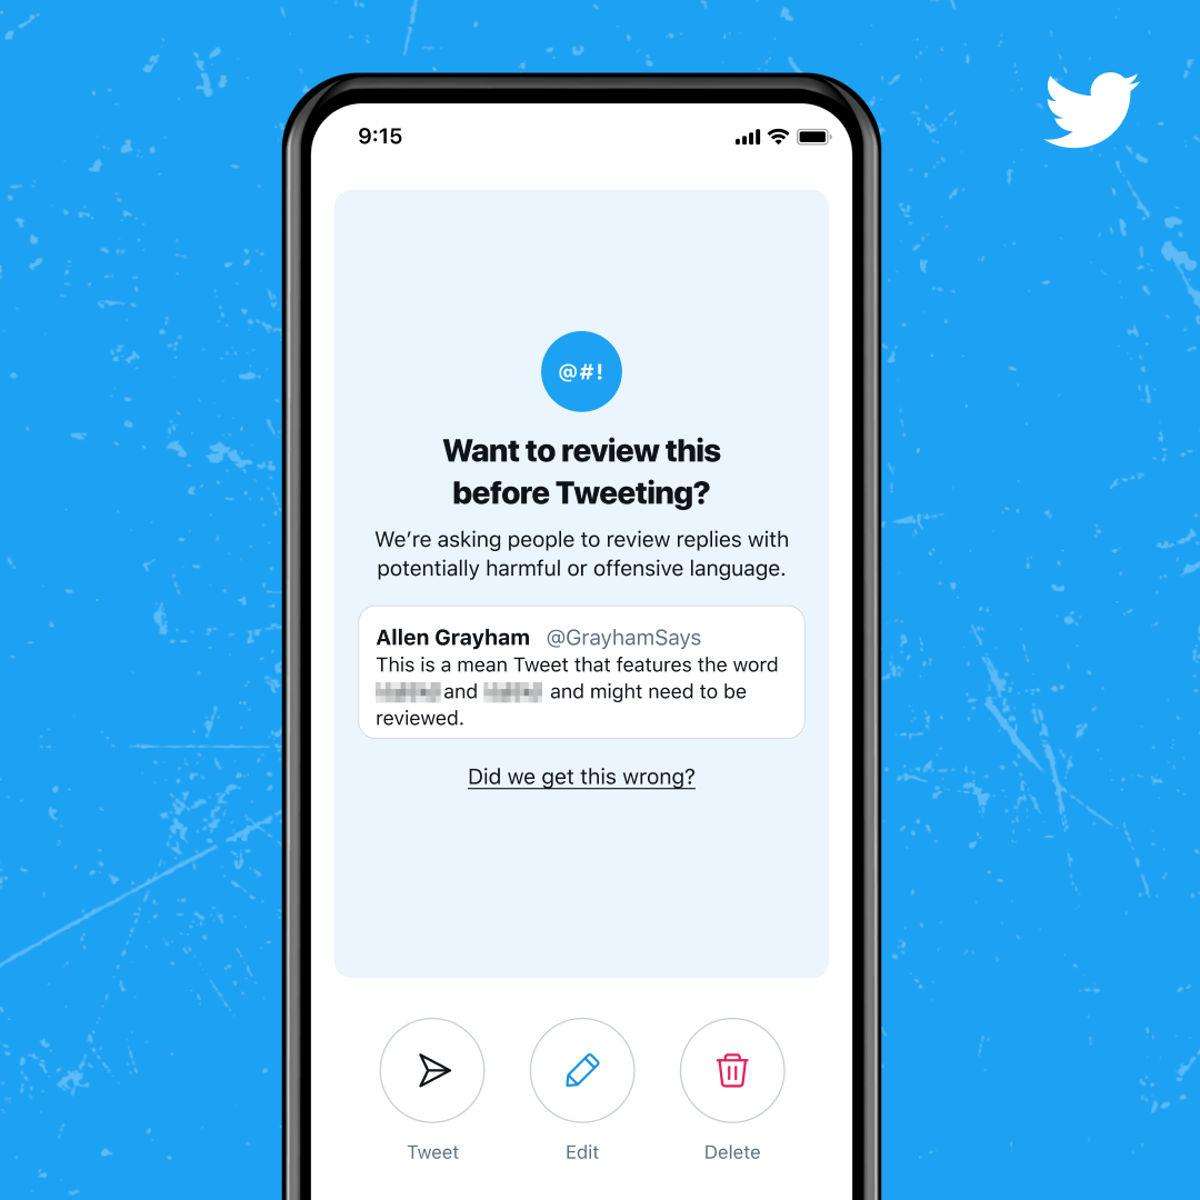 """推特推出新功能:""""发文思考""""!希望用户在发送令人反感的推文时三思而后行"""